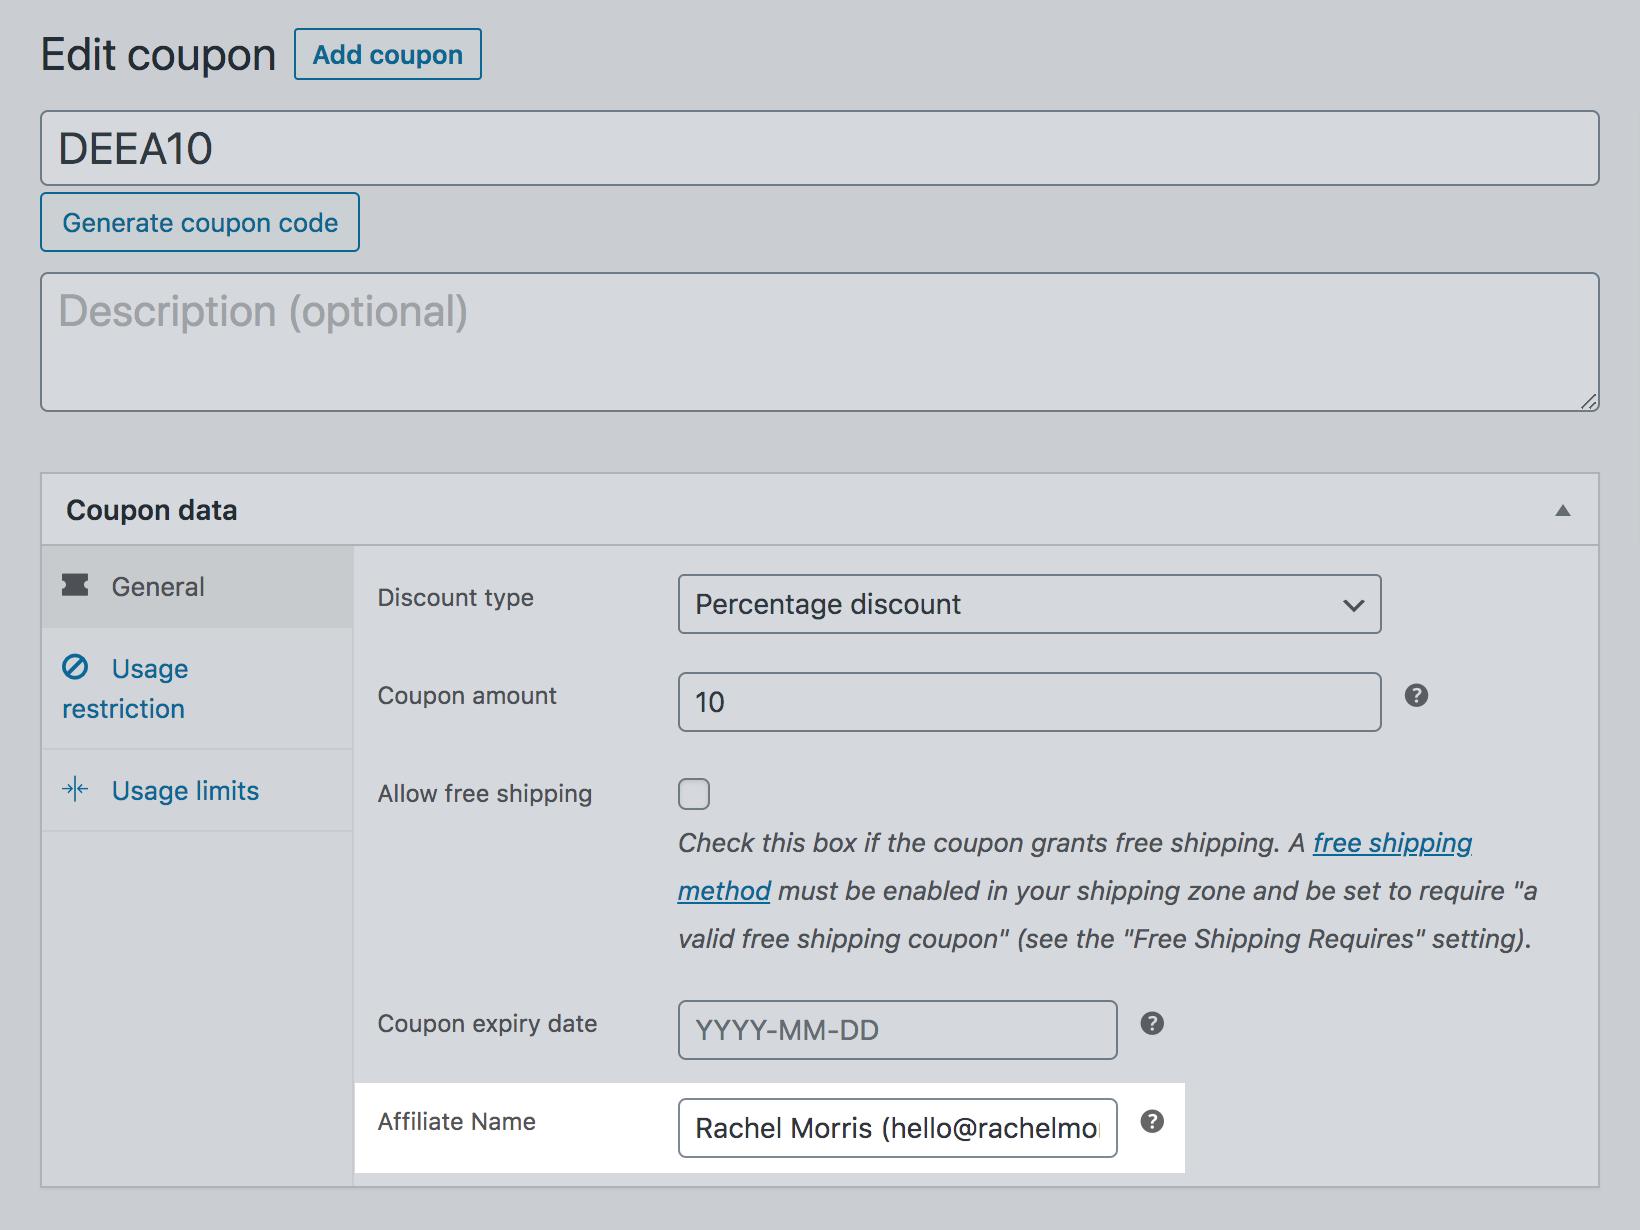 SliceWP affiliate name field in WooCommerce discount code